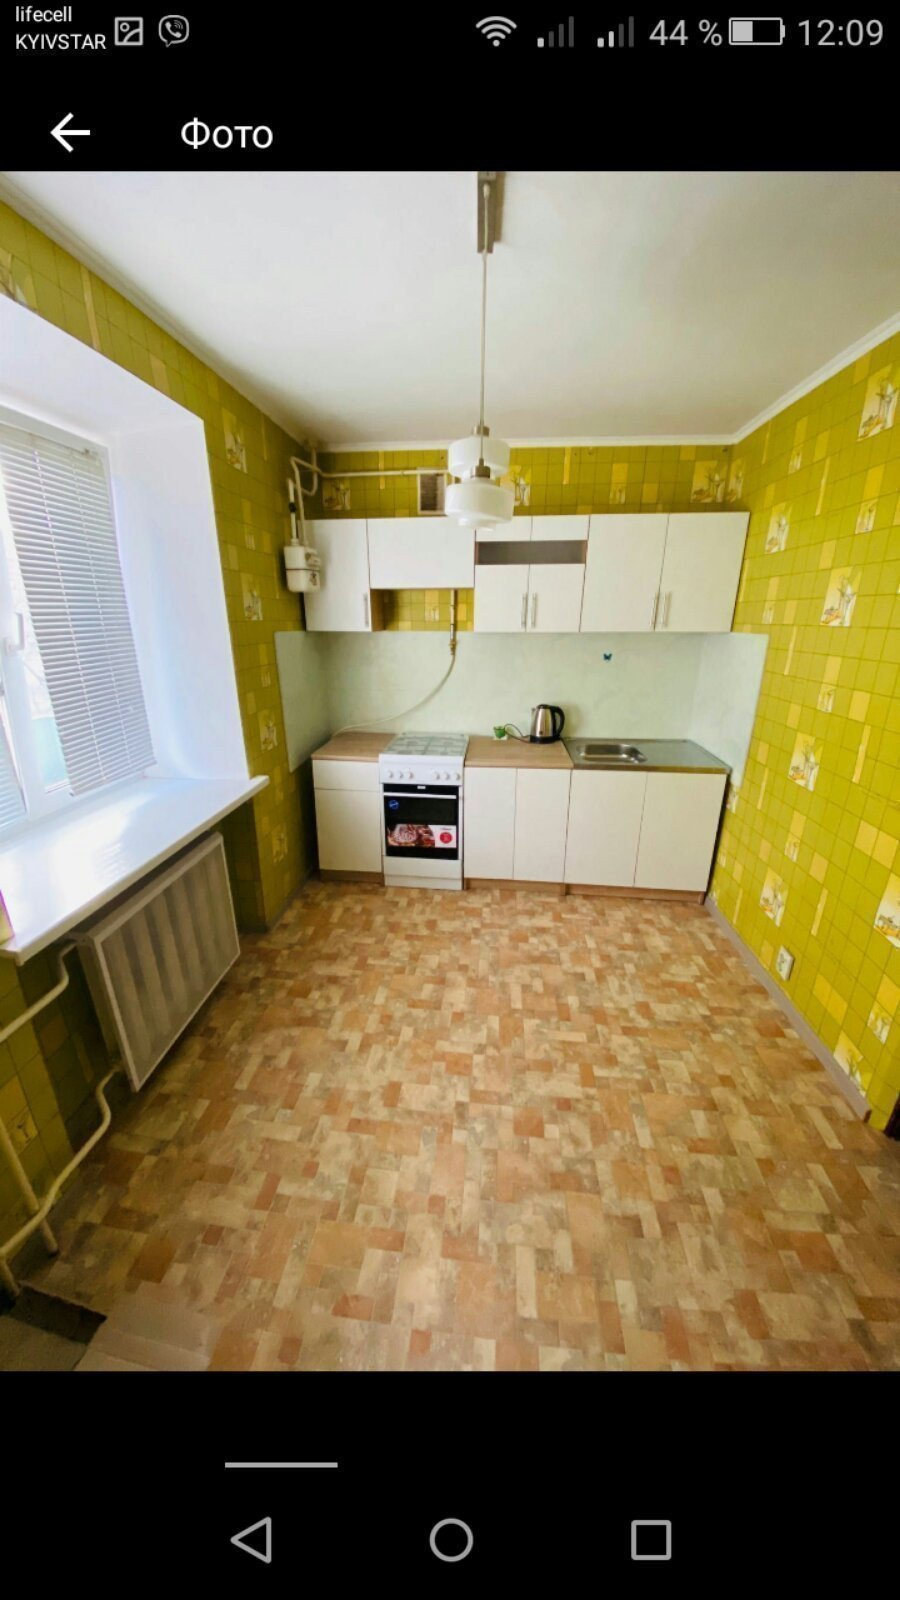 Фото: Арендую квартиру в городе Борисполь. Объявление № 6124